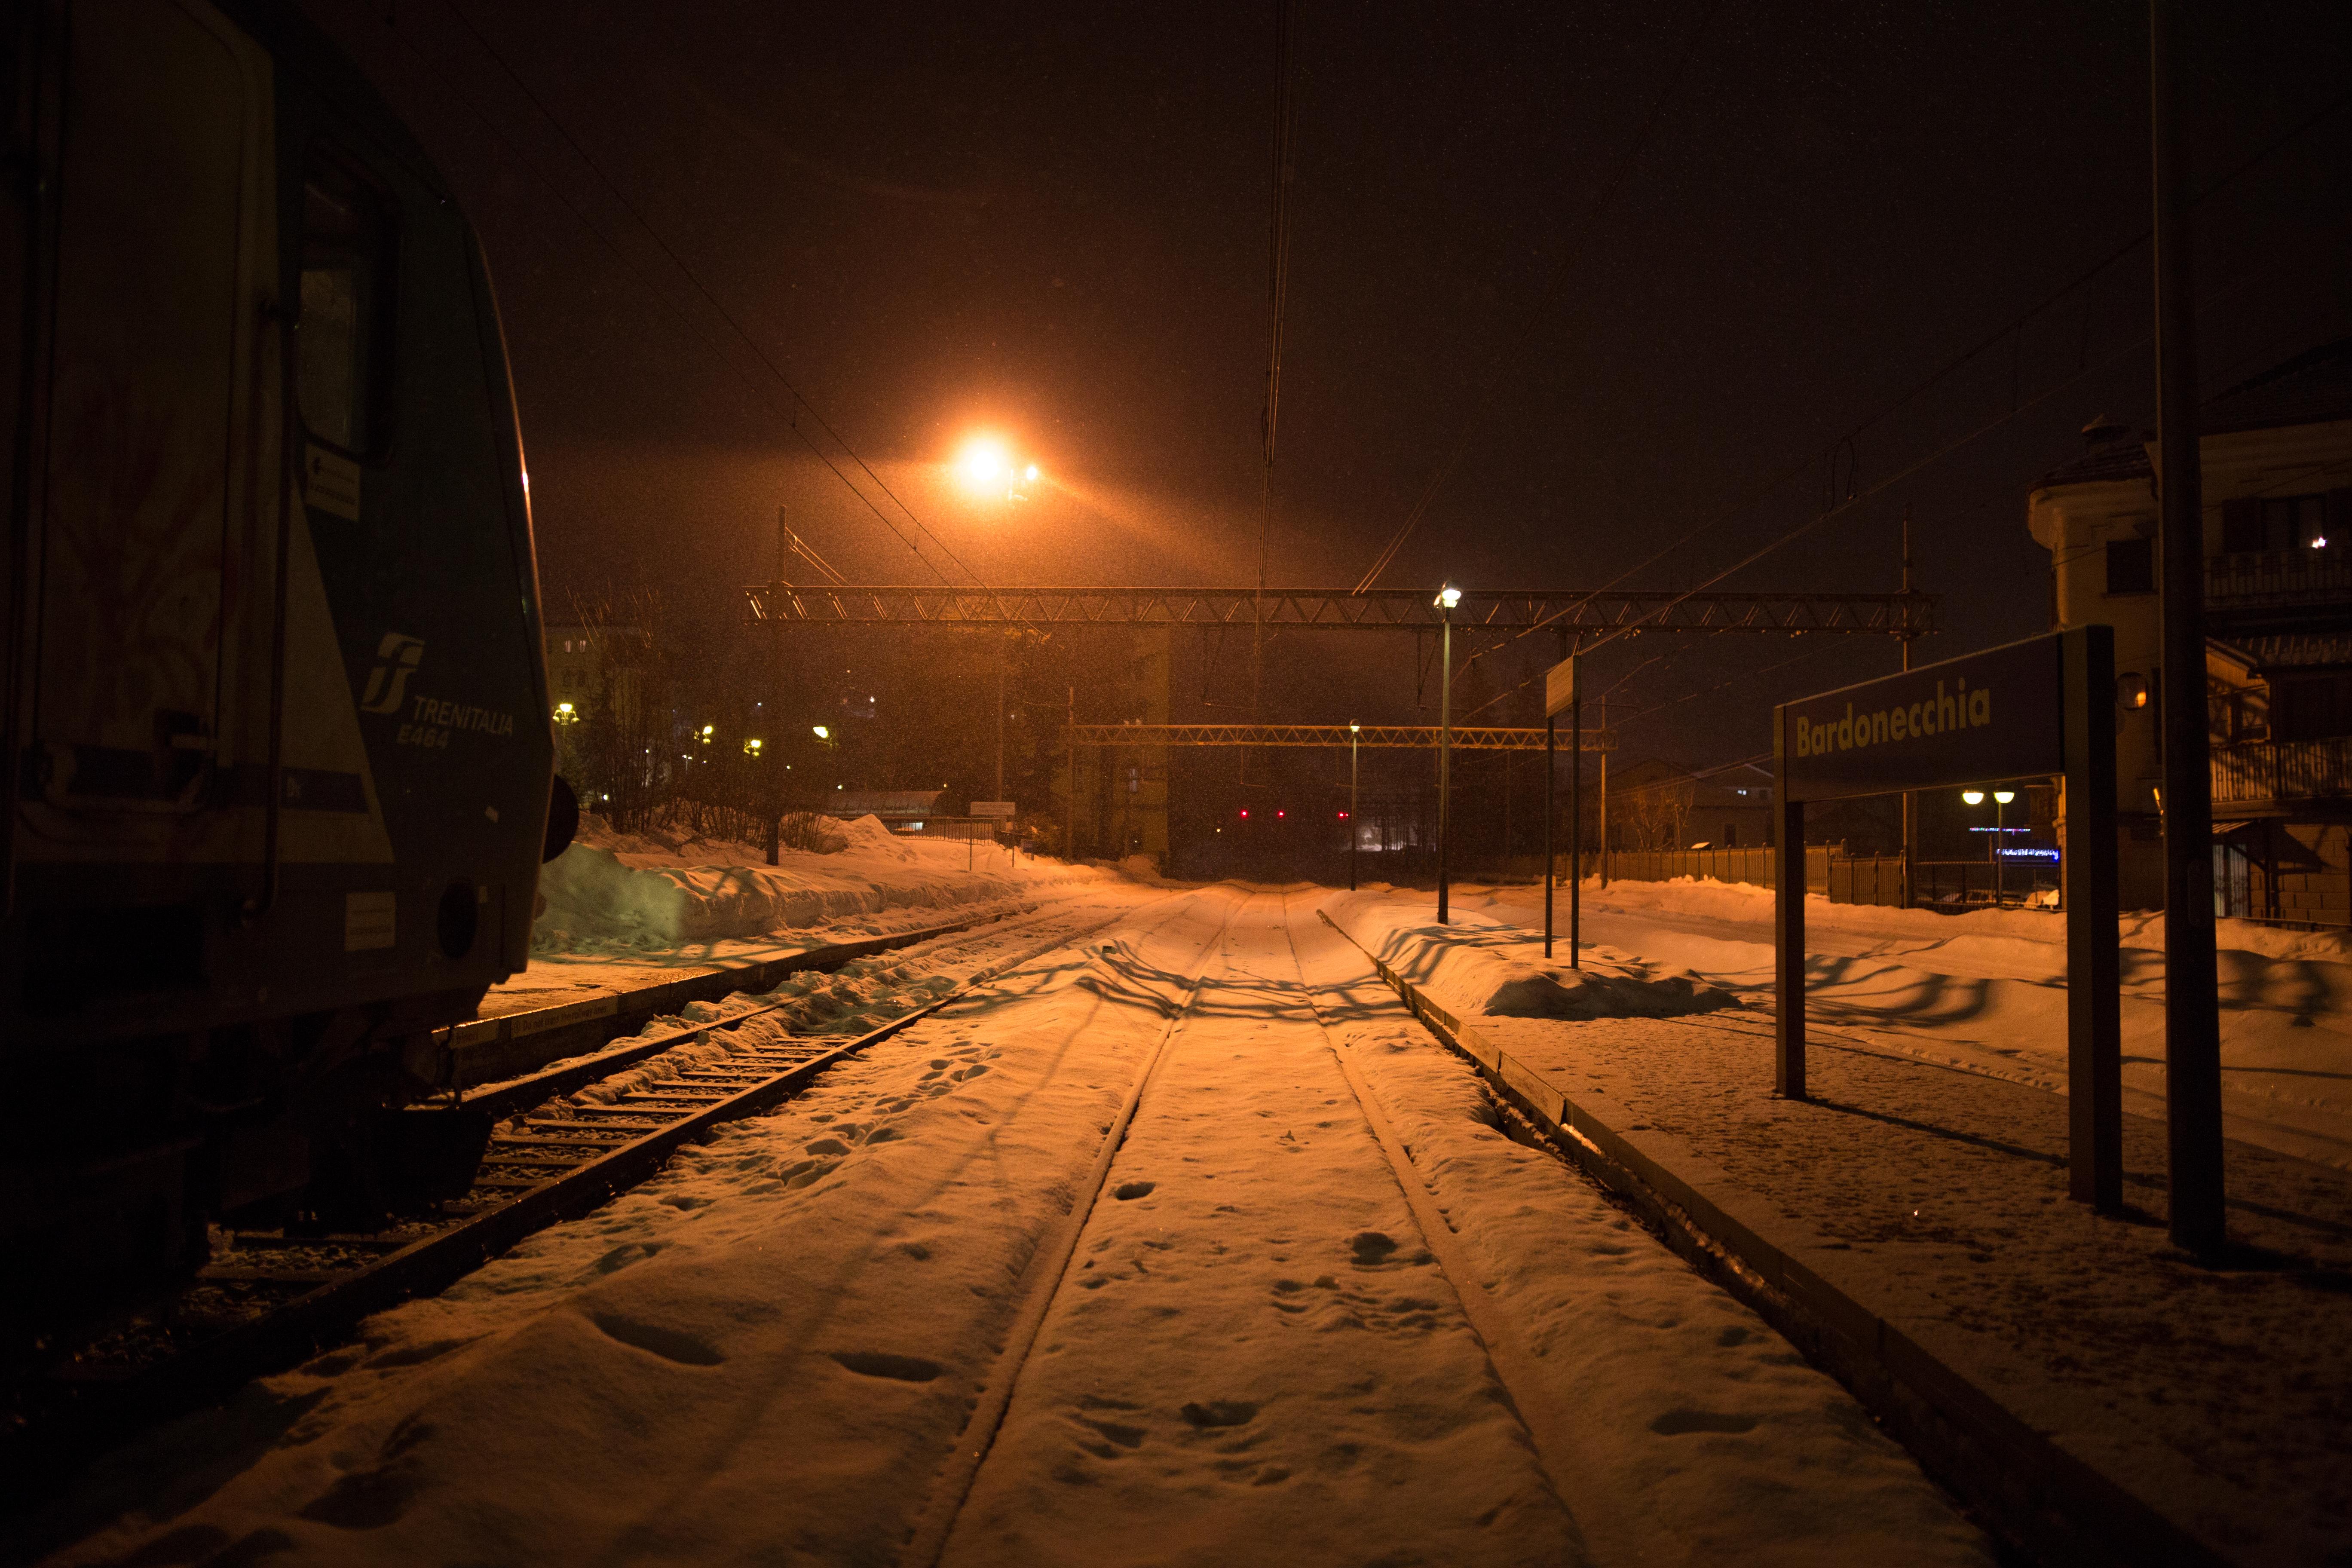 Der Bahnhof von Bardonecchia. Wo eine parallele Welt existiert.